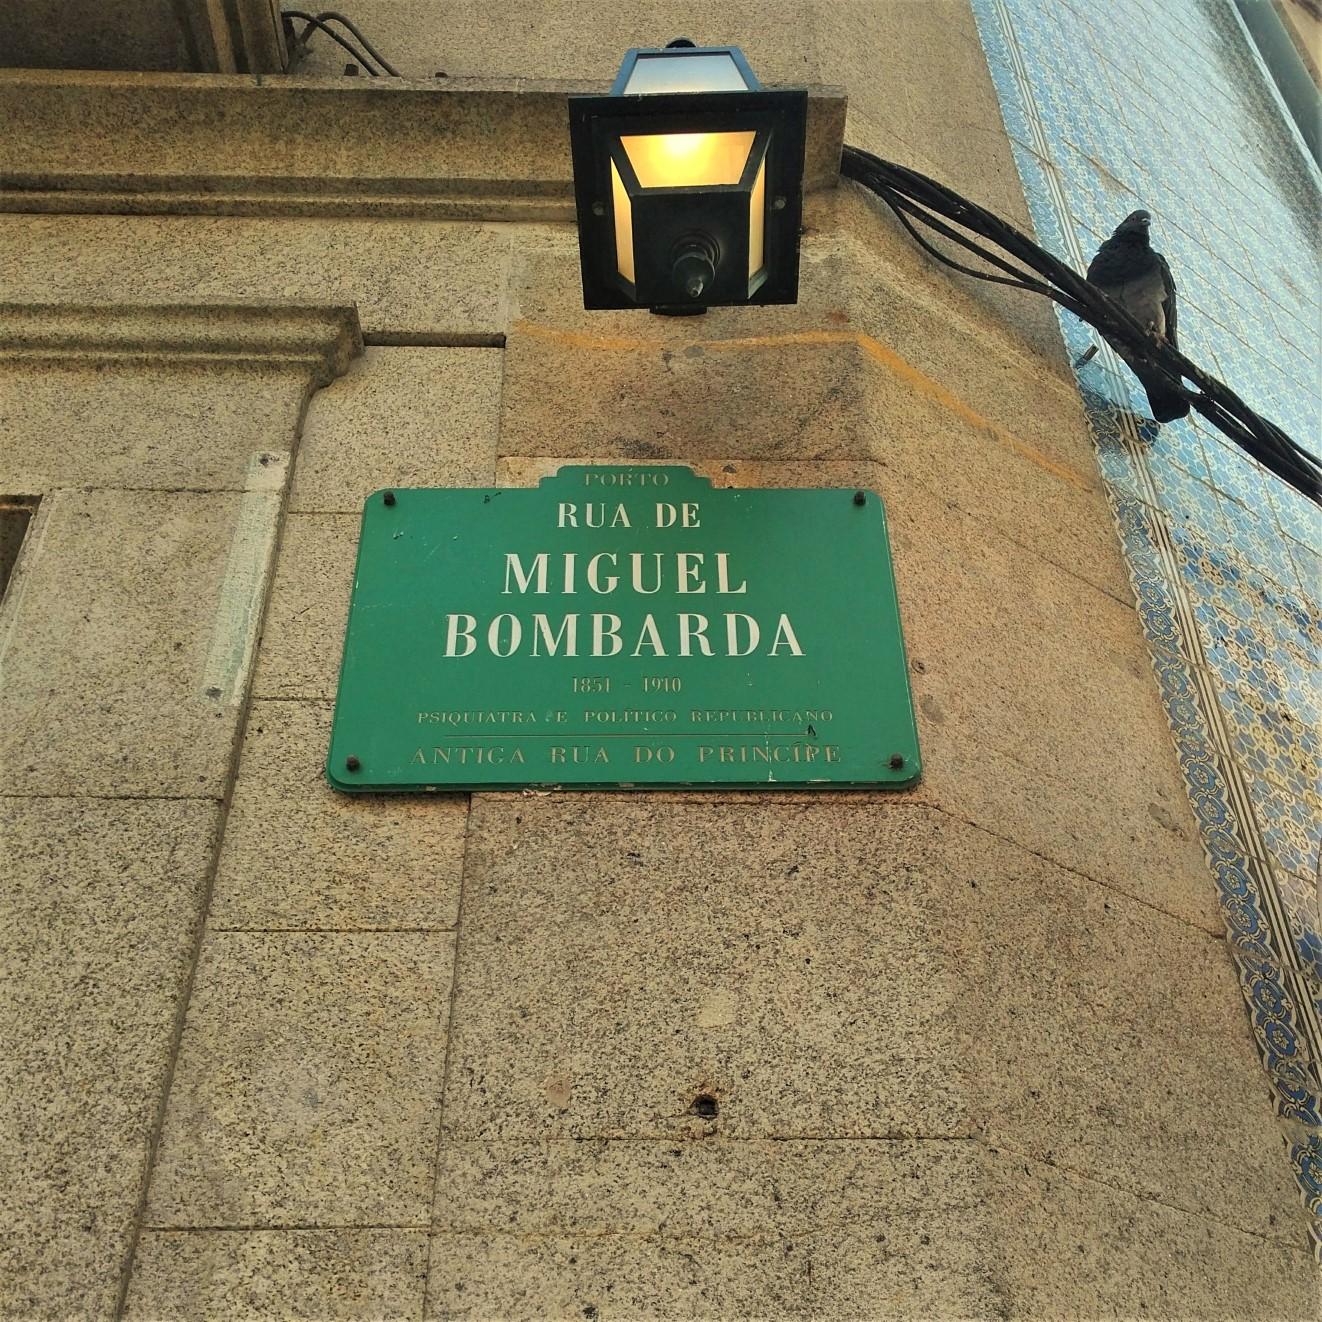 Porto design and art scene - Rua de Miguel Bombarda